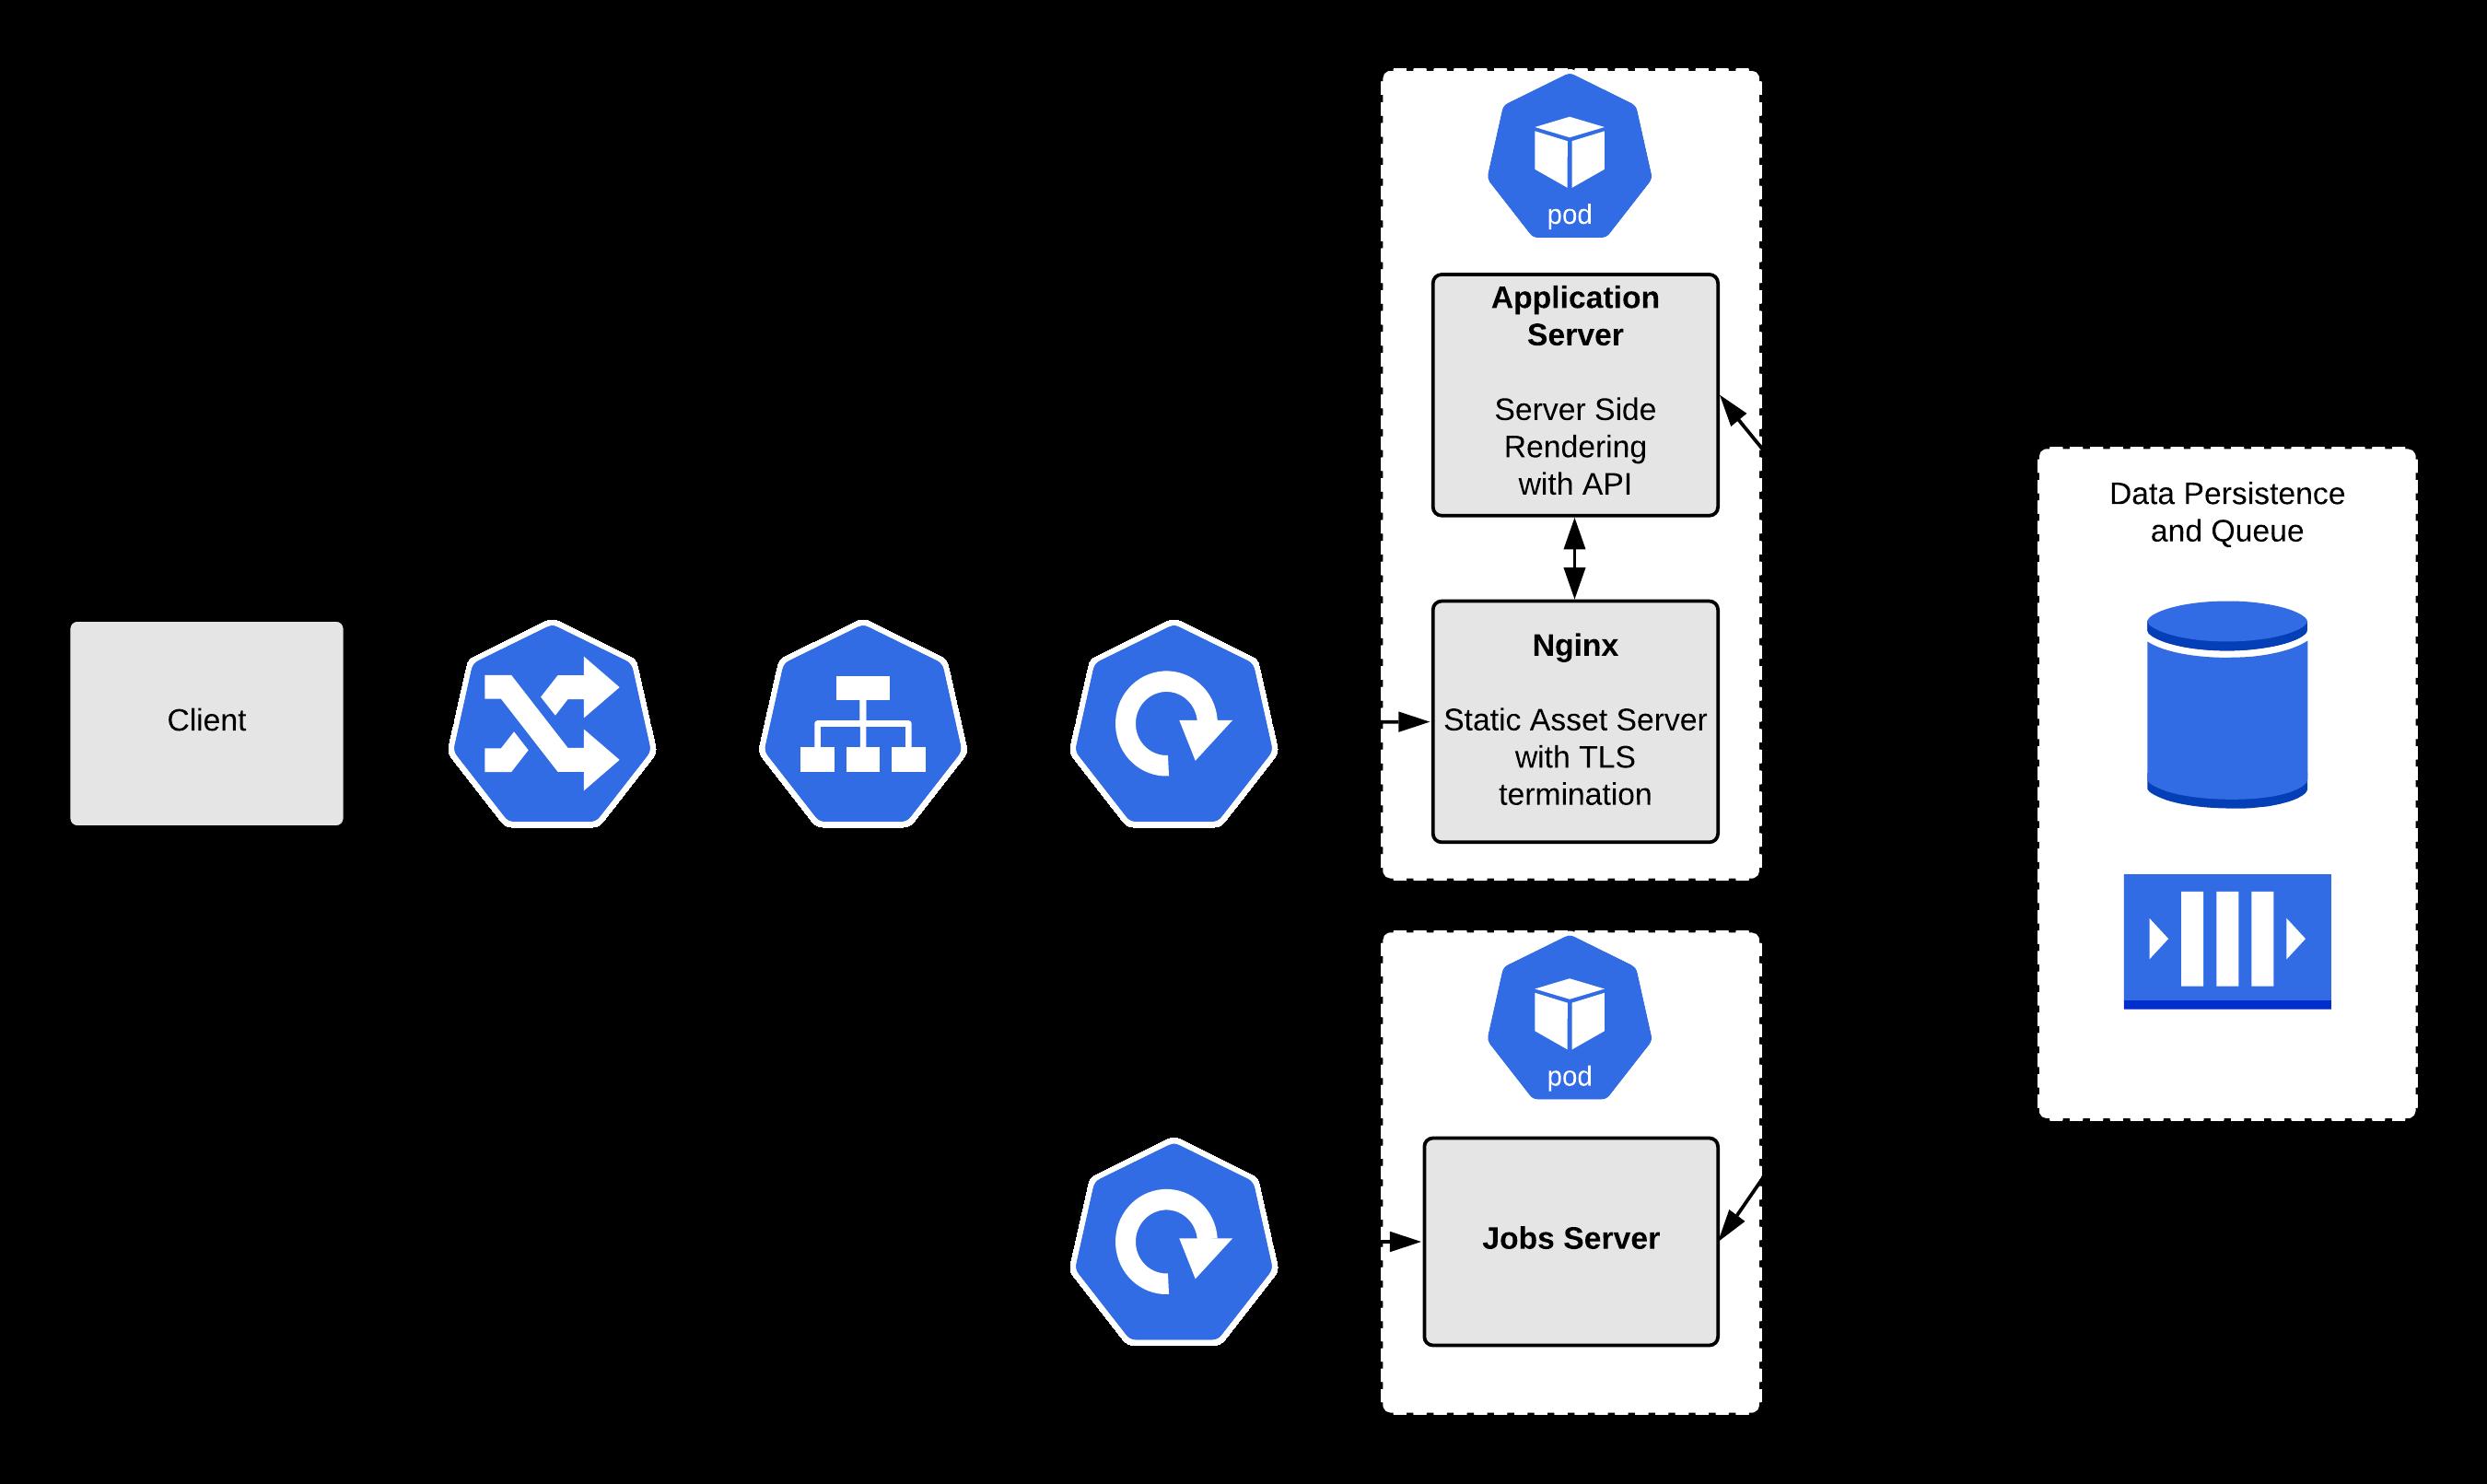 Рис. 7: Реалистичный пример приложения в OpenShift для изучения использования проб.